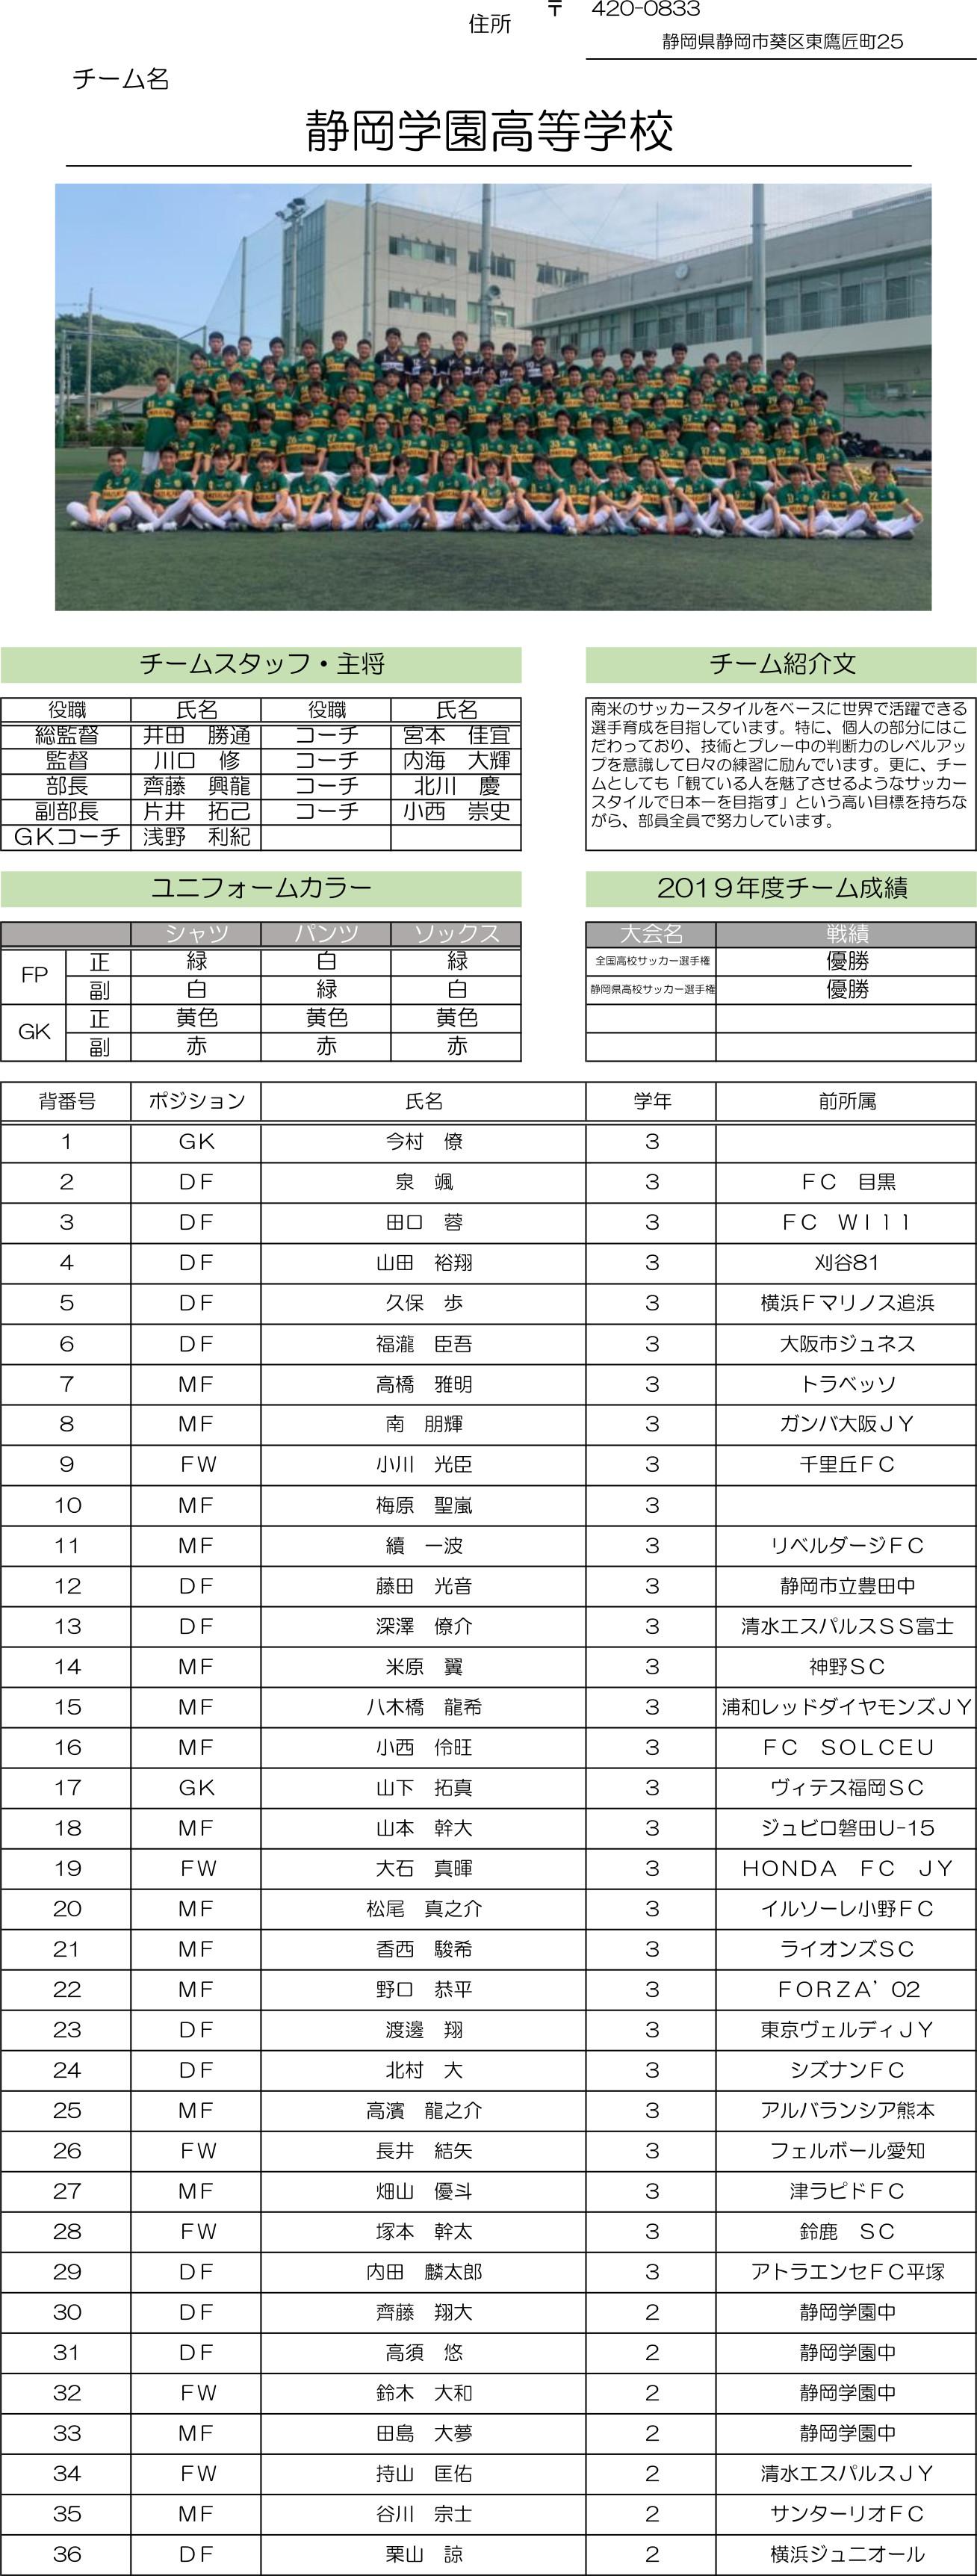 高円宮杯 JFA U-18サッカーリーグ2020 静岡 Aリーグ(静岡学園Ⅱ)